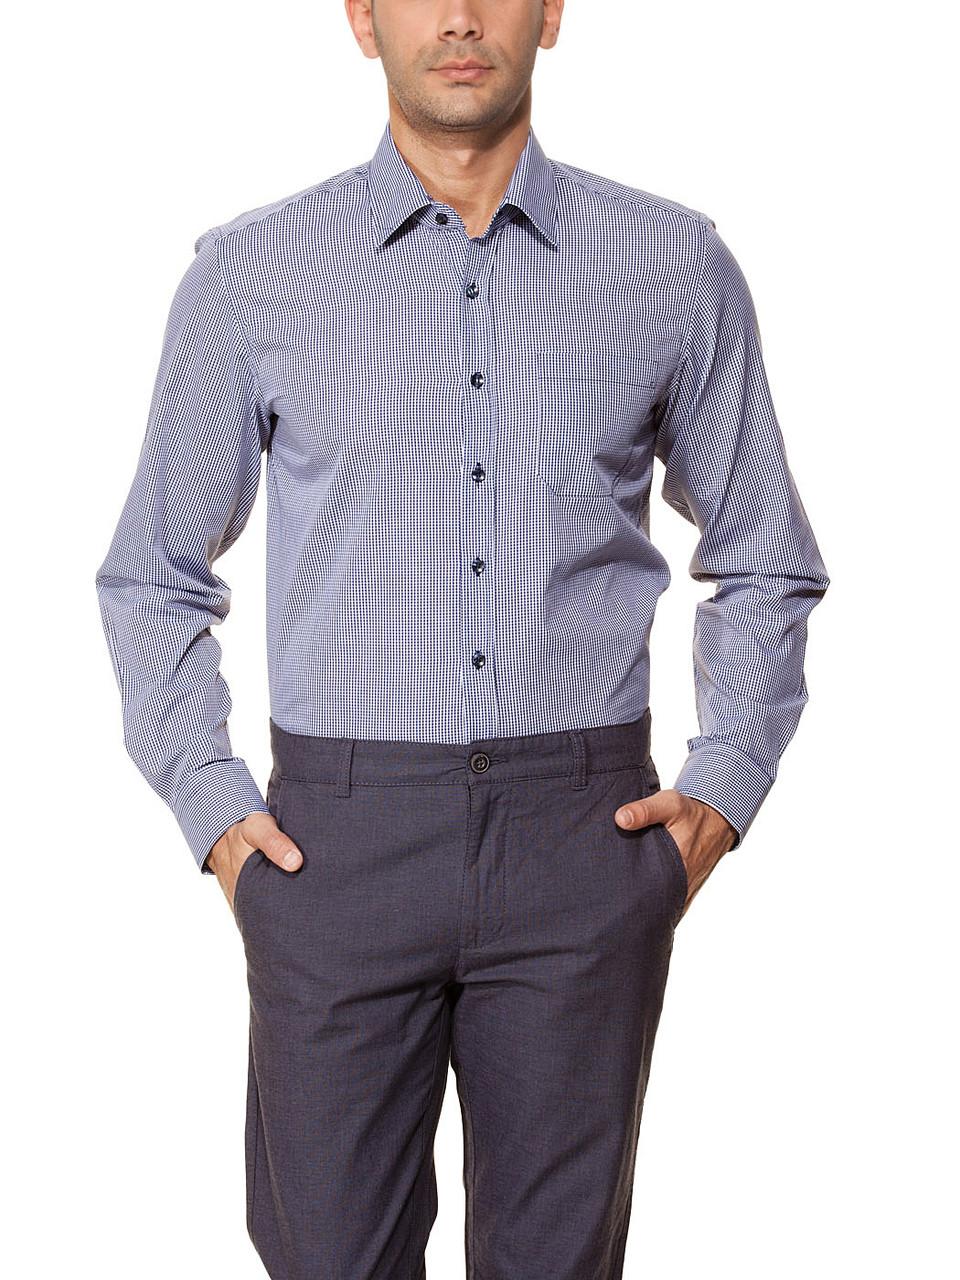 b1d976471de Мужская рубашка LC Waikiki белого цвета в синюю клеточку с синими  пуговицами - Интернет-магазин